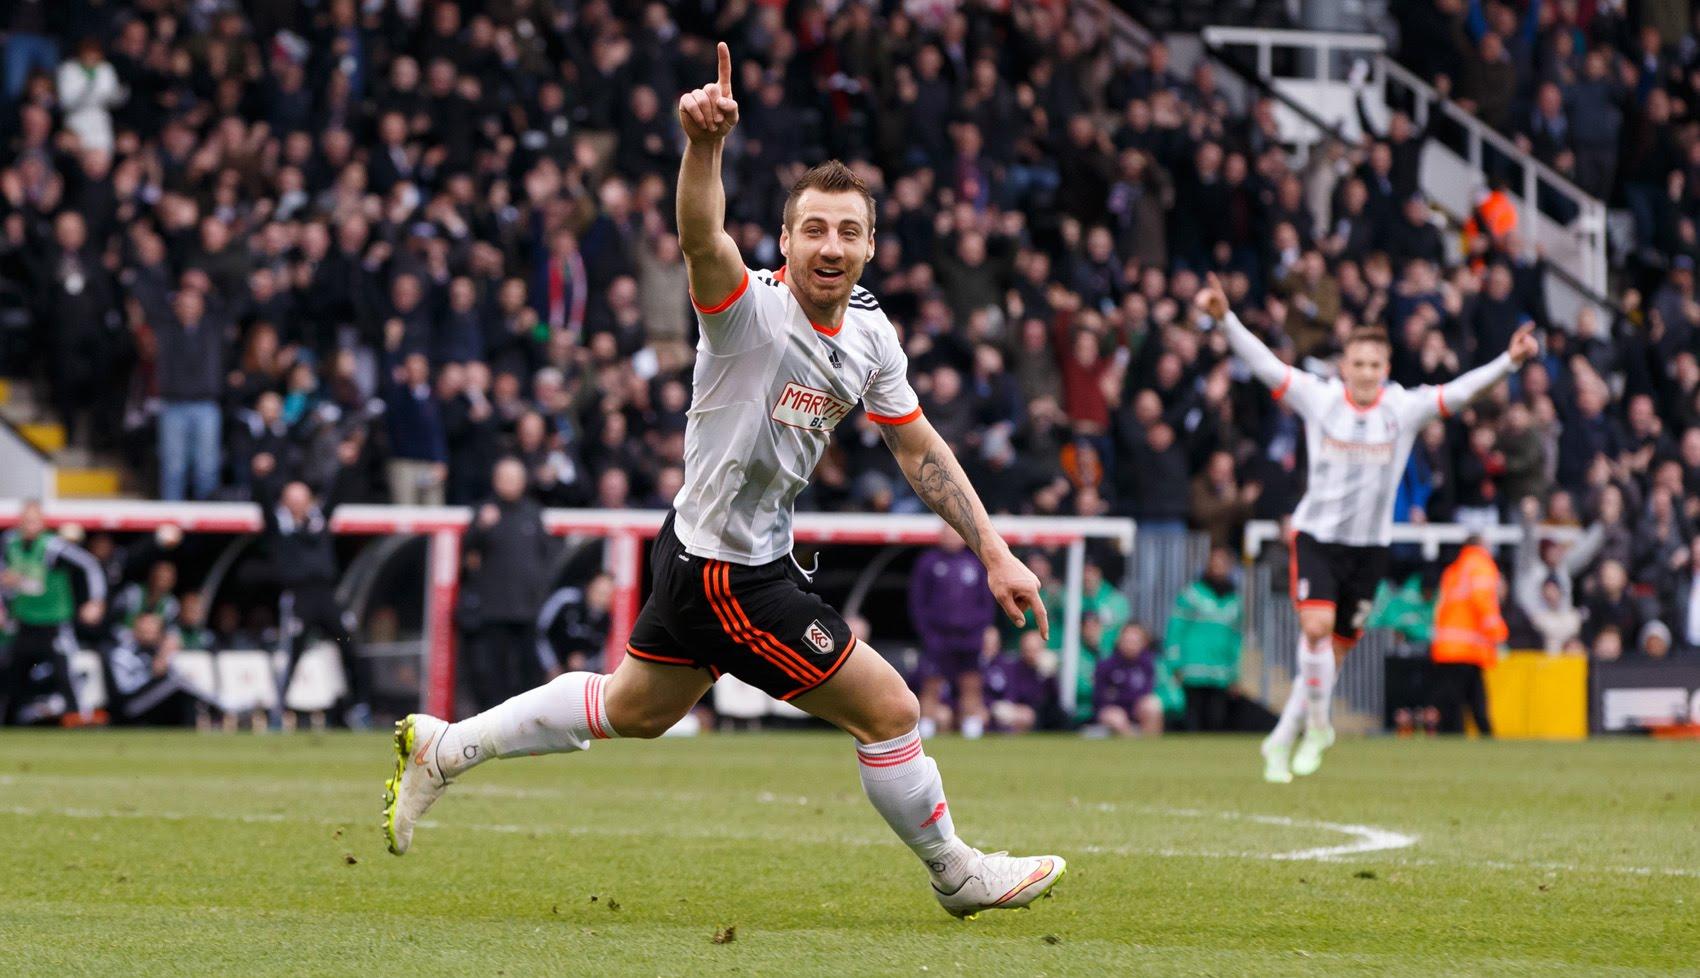 Nhận định bóng đá Fulham vs Sunderland, 01h45 ngày 28/4